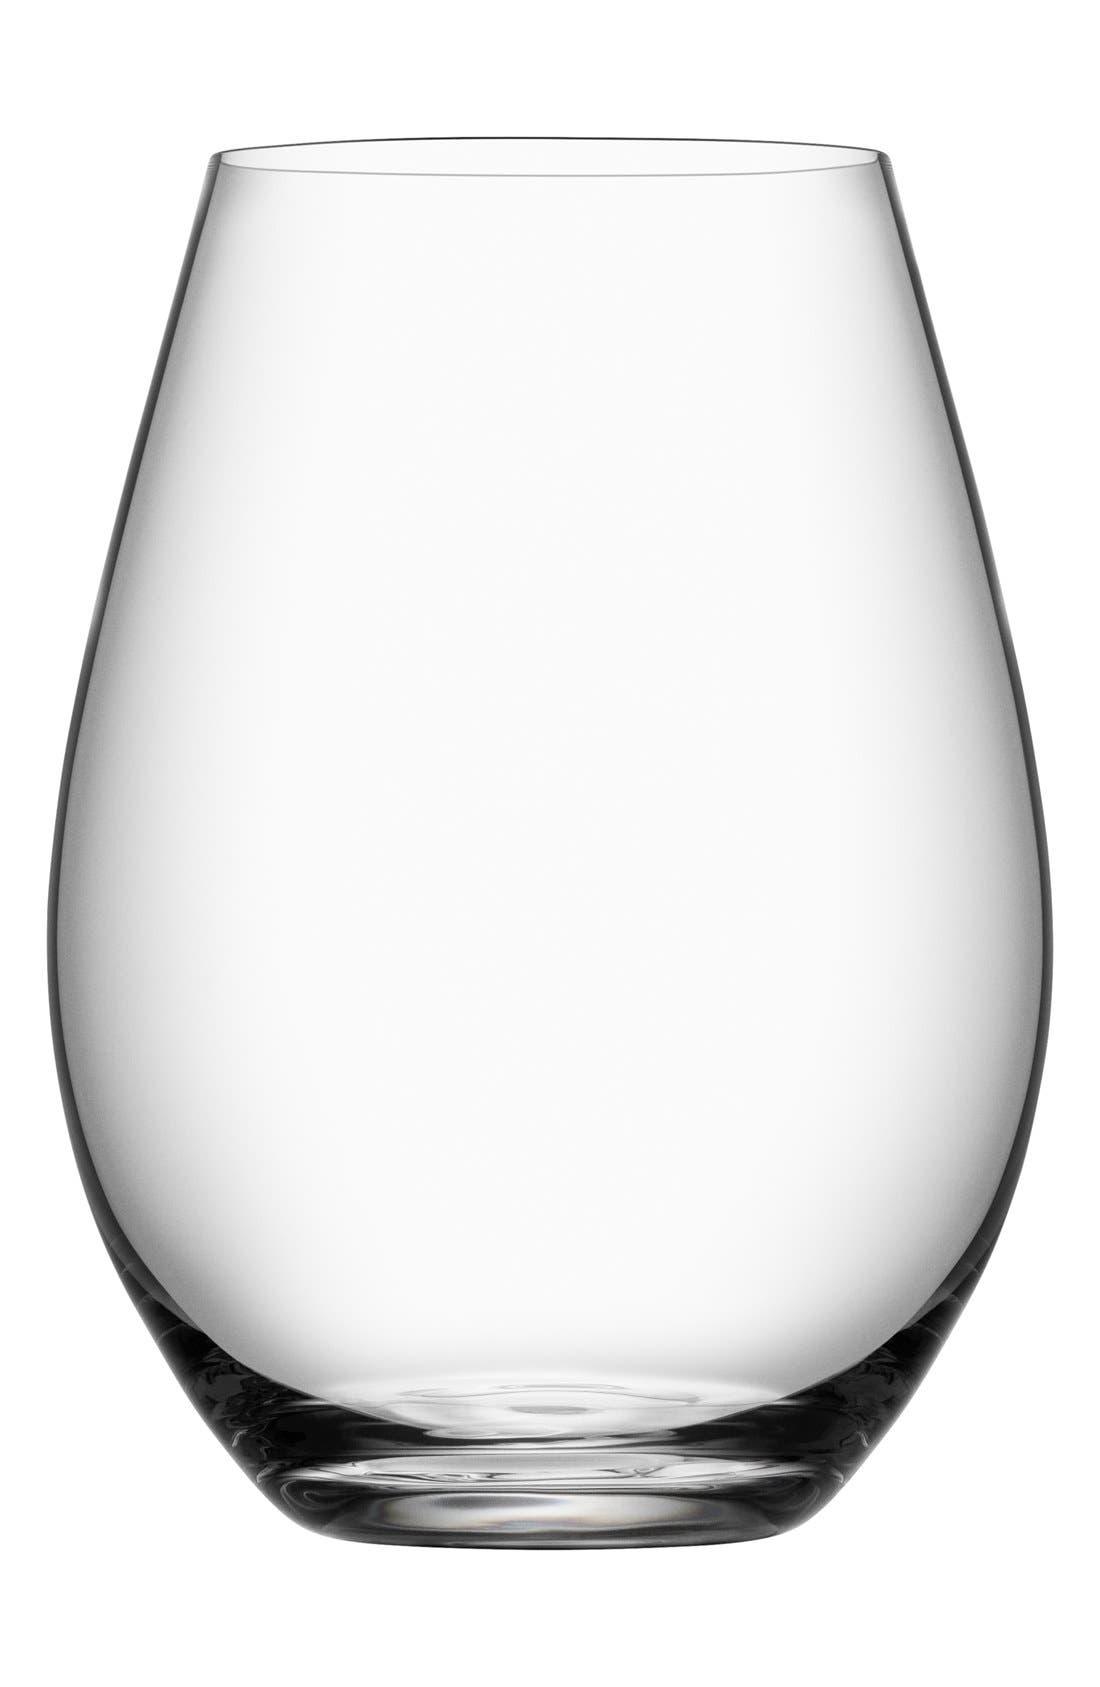 Orrefors 'More' Stemless Wine Glasses (Set of 4)